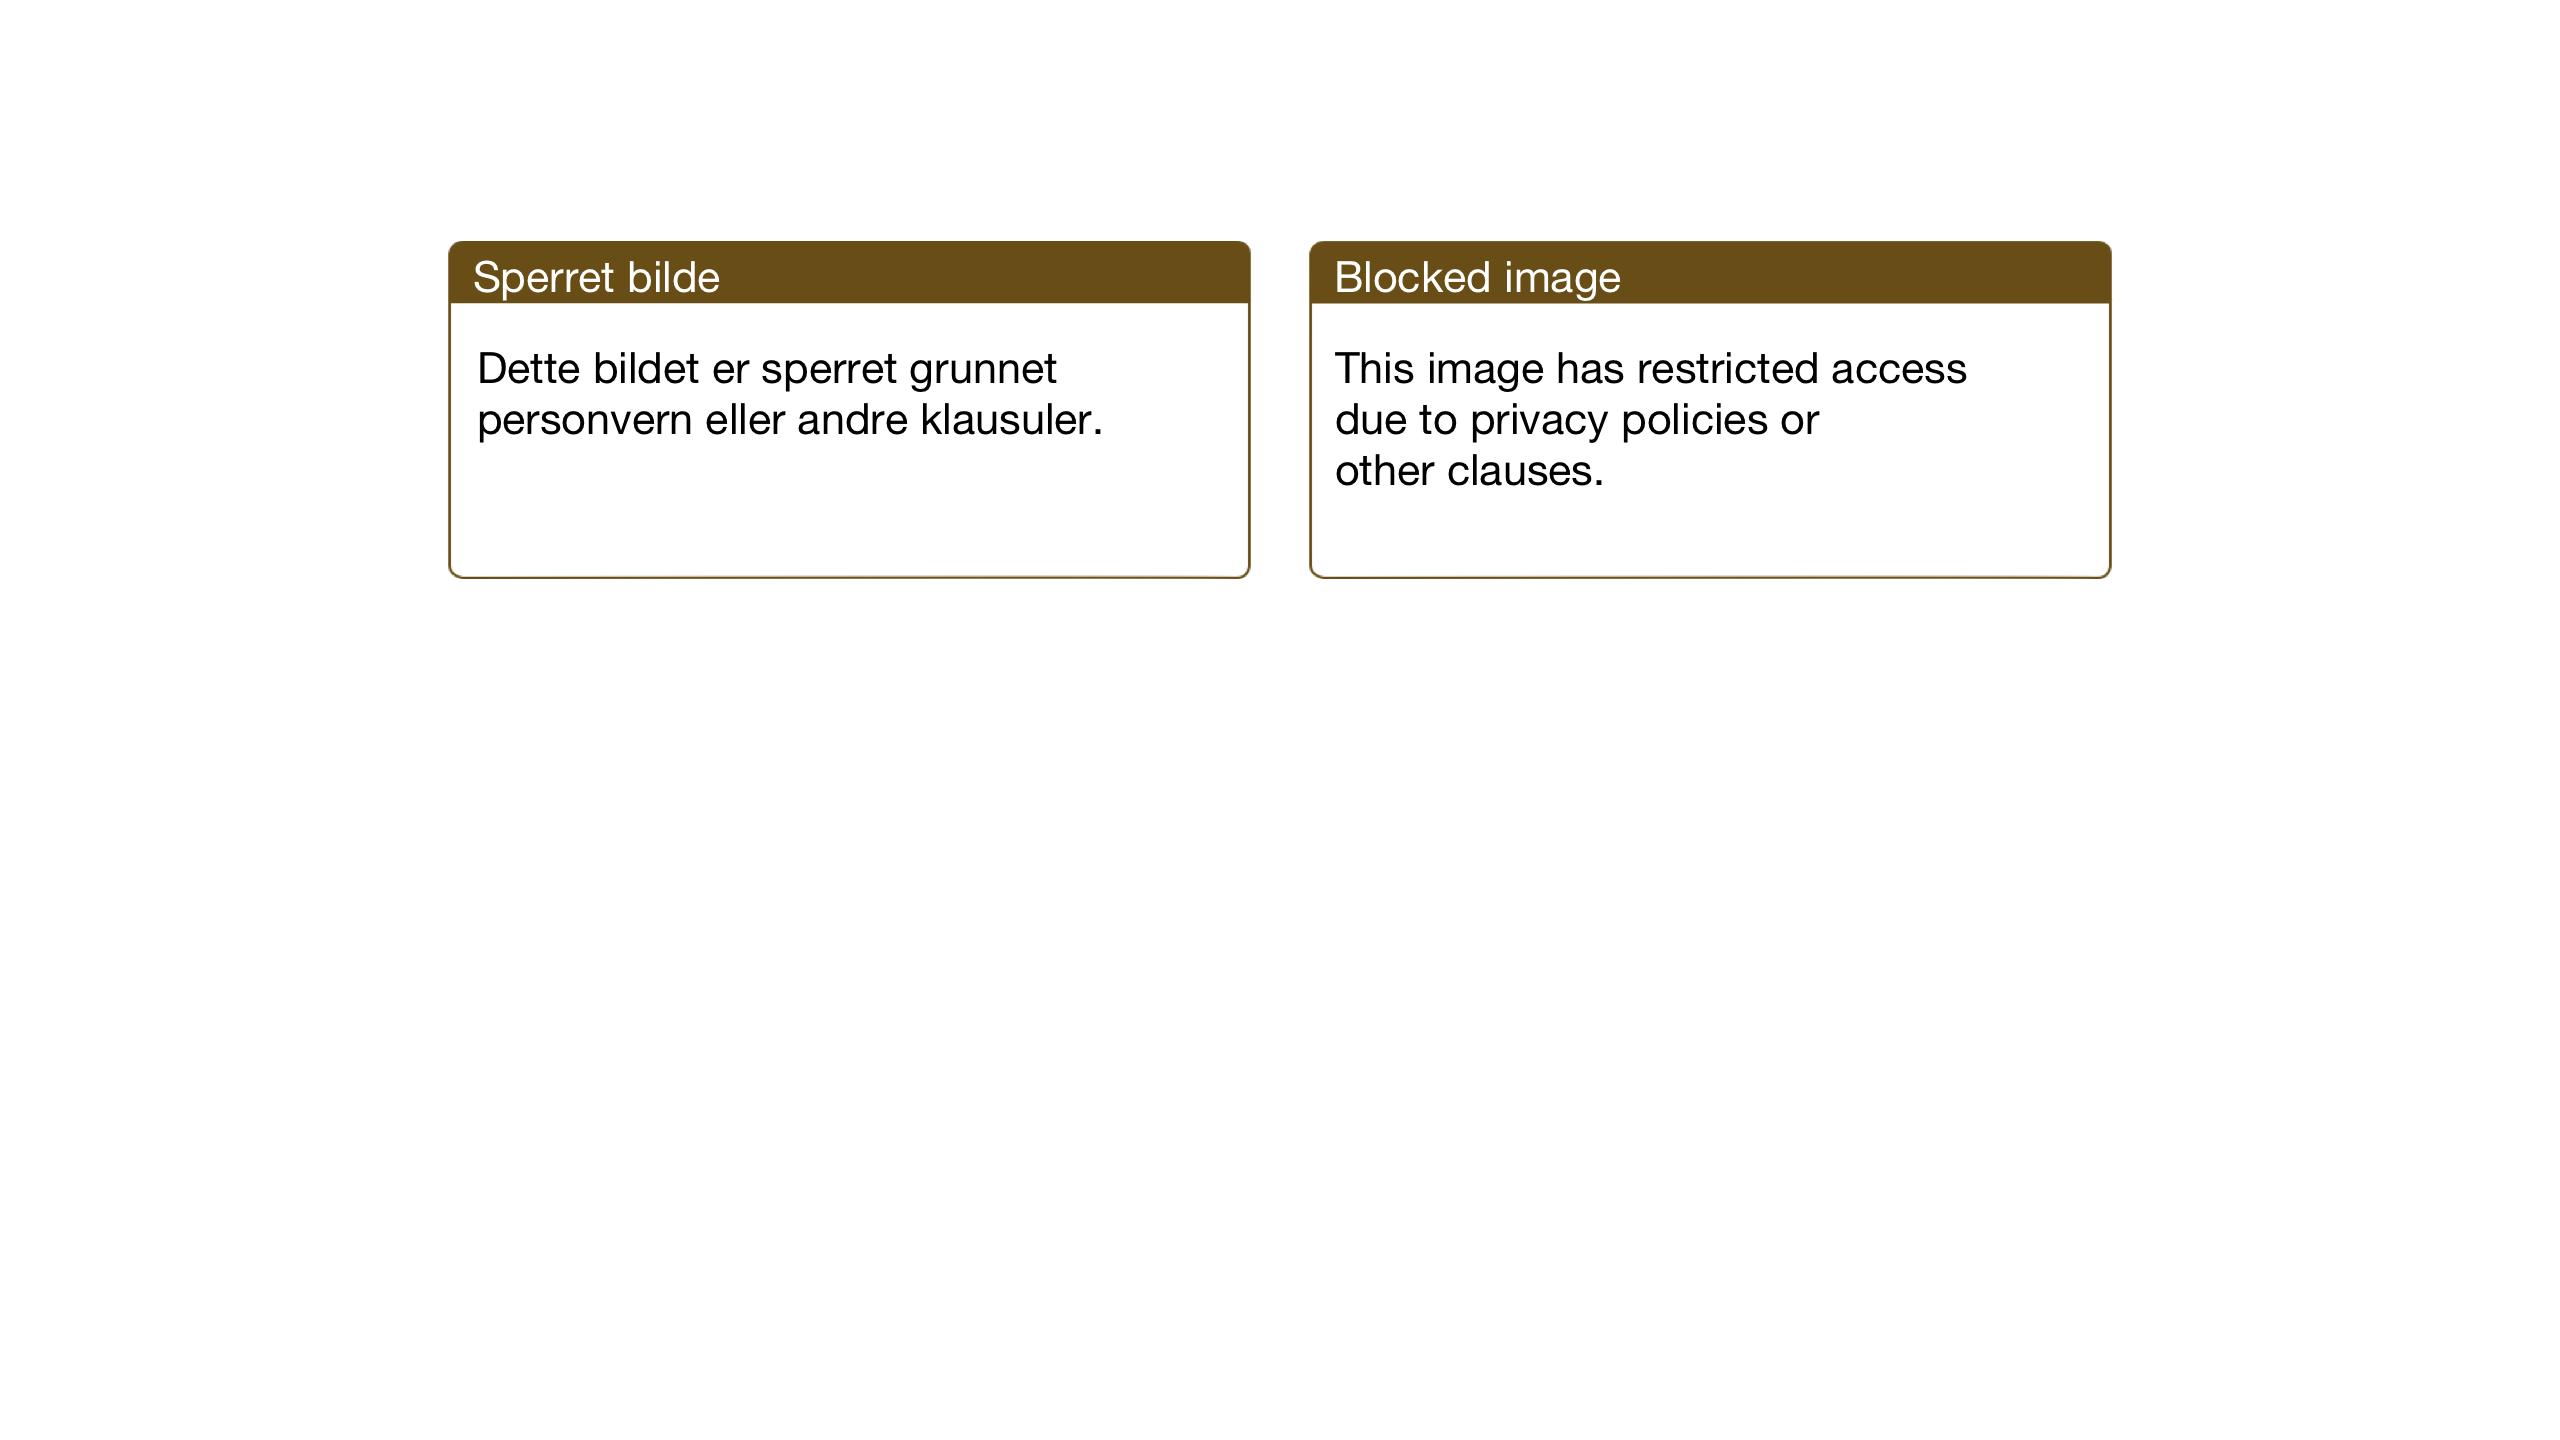 SAT, Ministerialprotokoller, klokkerbøker og fødselsregistre - Nord-Trøndelag, 710/L0097: Klokkerbok nr. 710C02, 1925-1955, s. 15